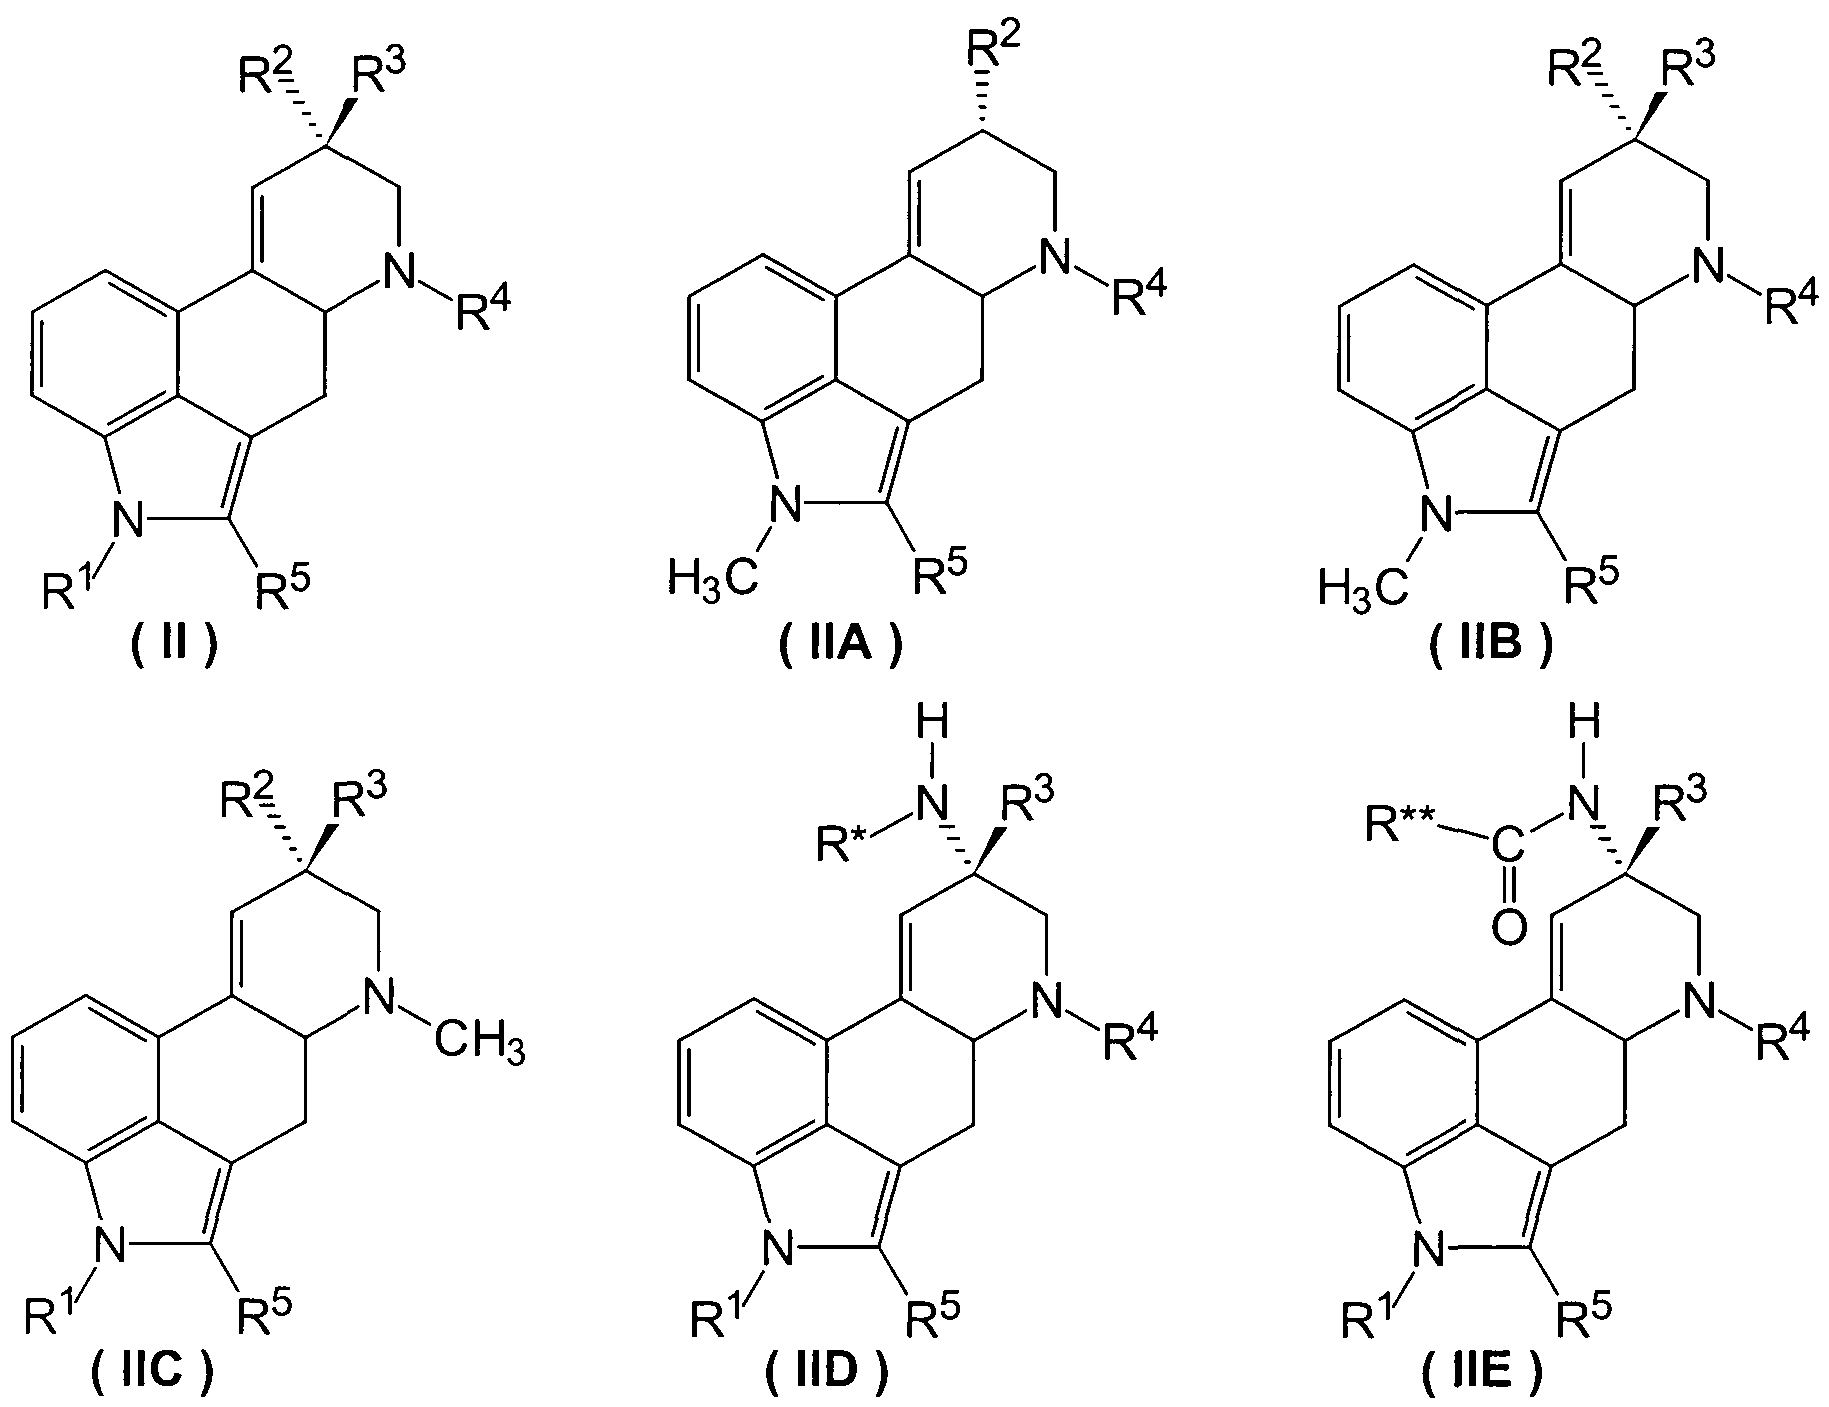 Darstellung von Formeln für binäre Verbindungen